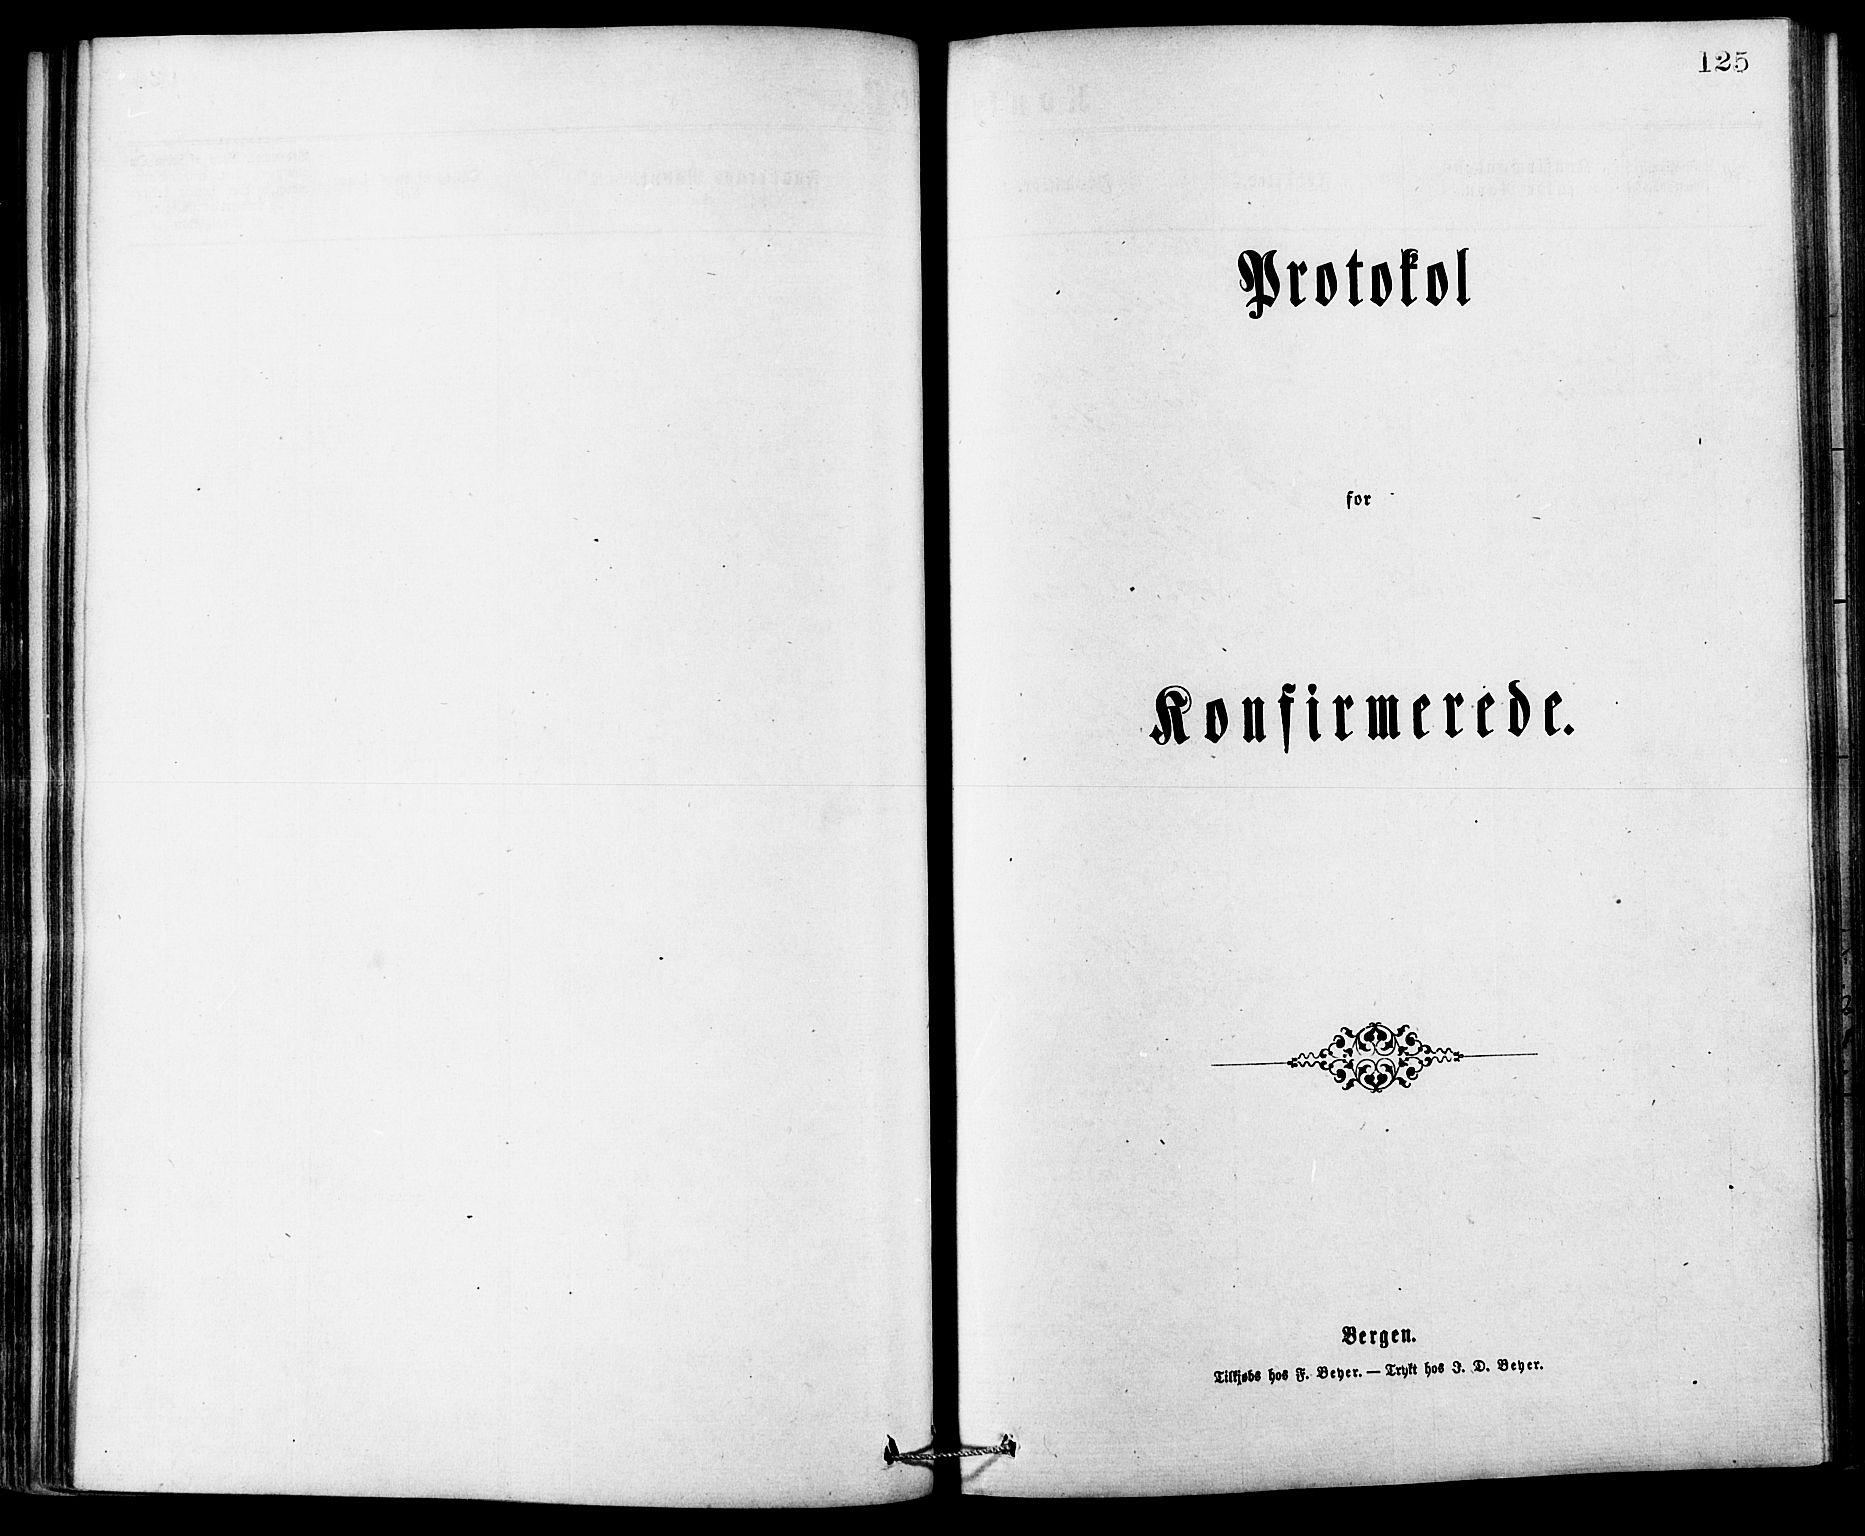 SAT, Ministerialprotokoller, klokkerbøker og fødselsregistre - Møre og Romsdal, 529/L0453: Ministerialbok nr. 529A03, 1872-1877, s. 125